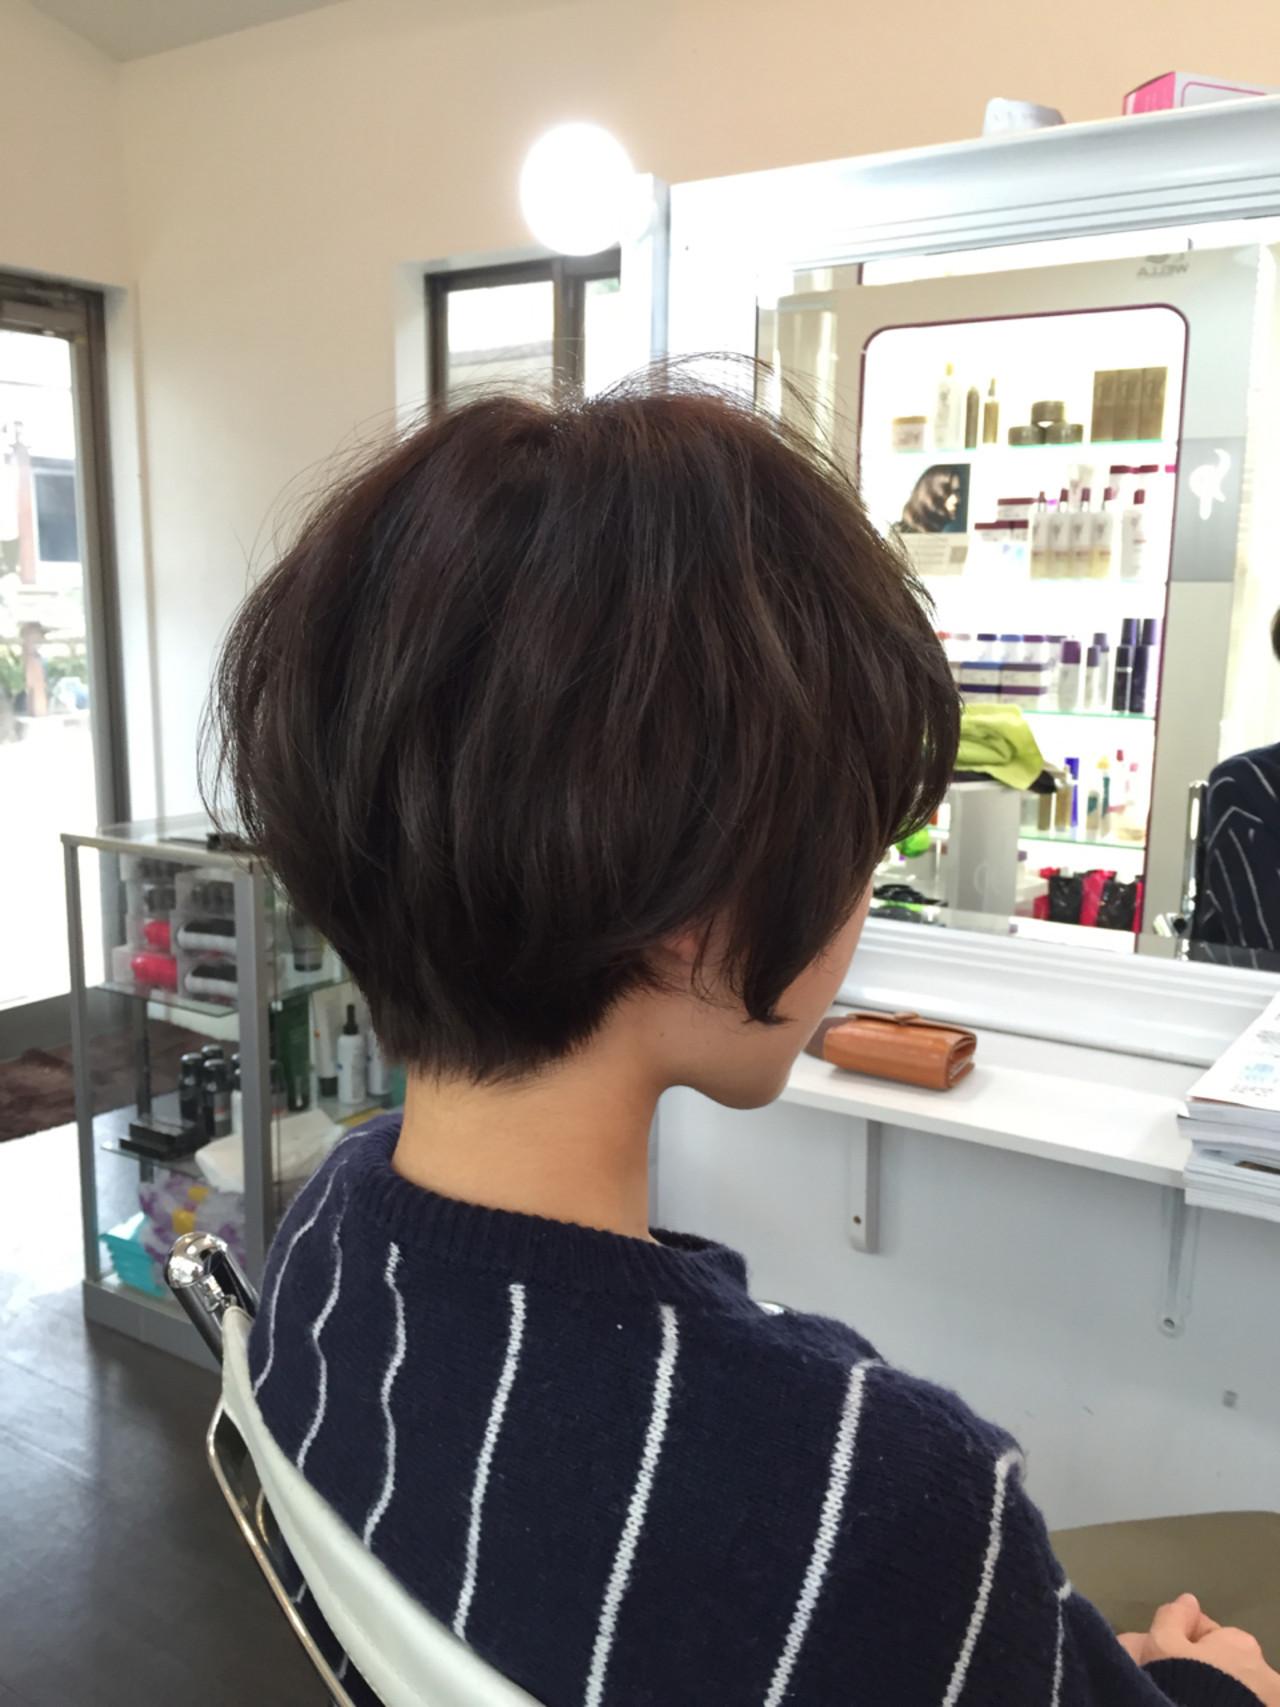 ぺたんこになりがちなショートヘアさん必見!デジタルパーマでふんわり旬ヘアに♡ 高尾武志  Hair Shop AIM